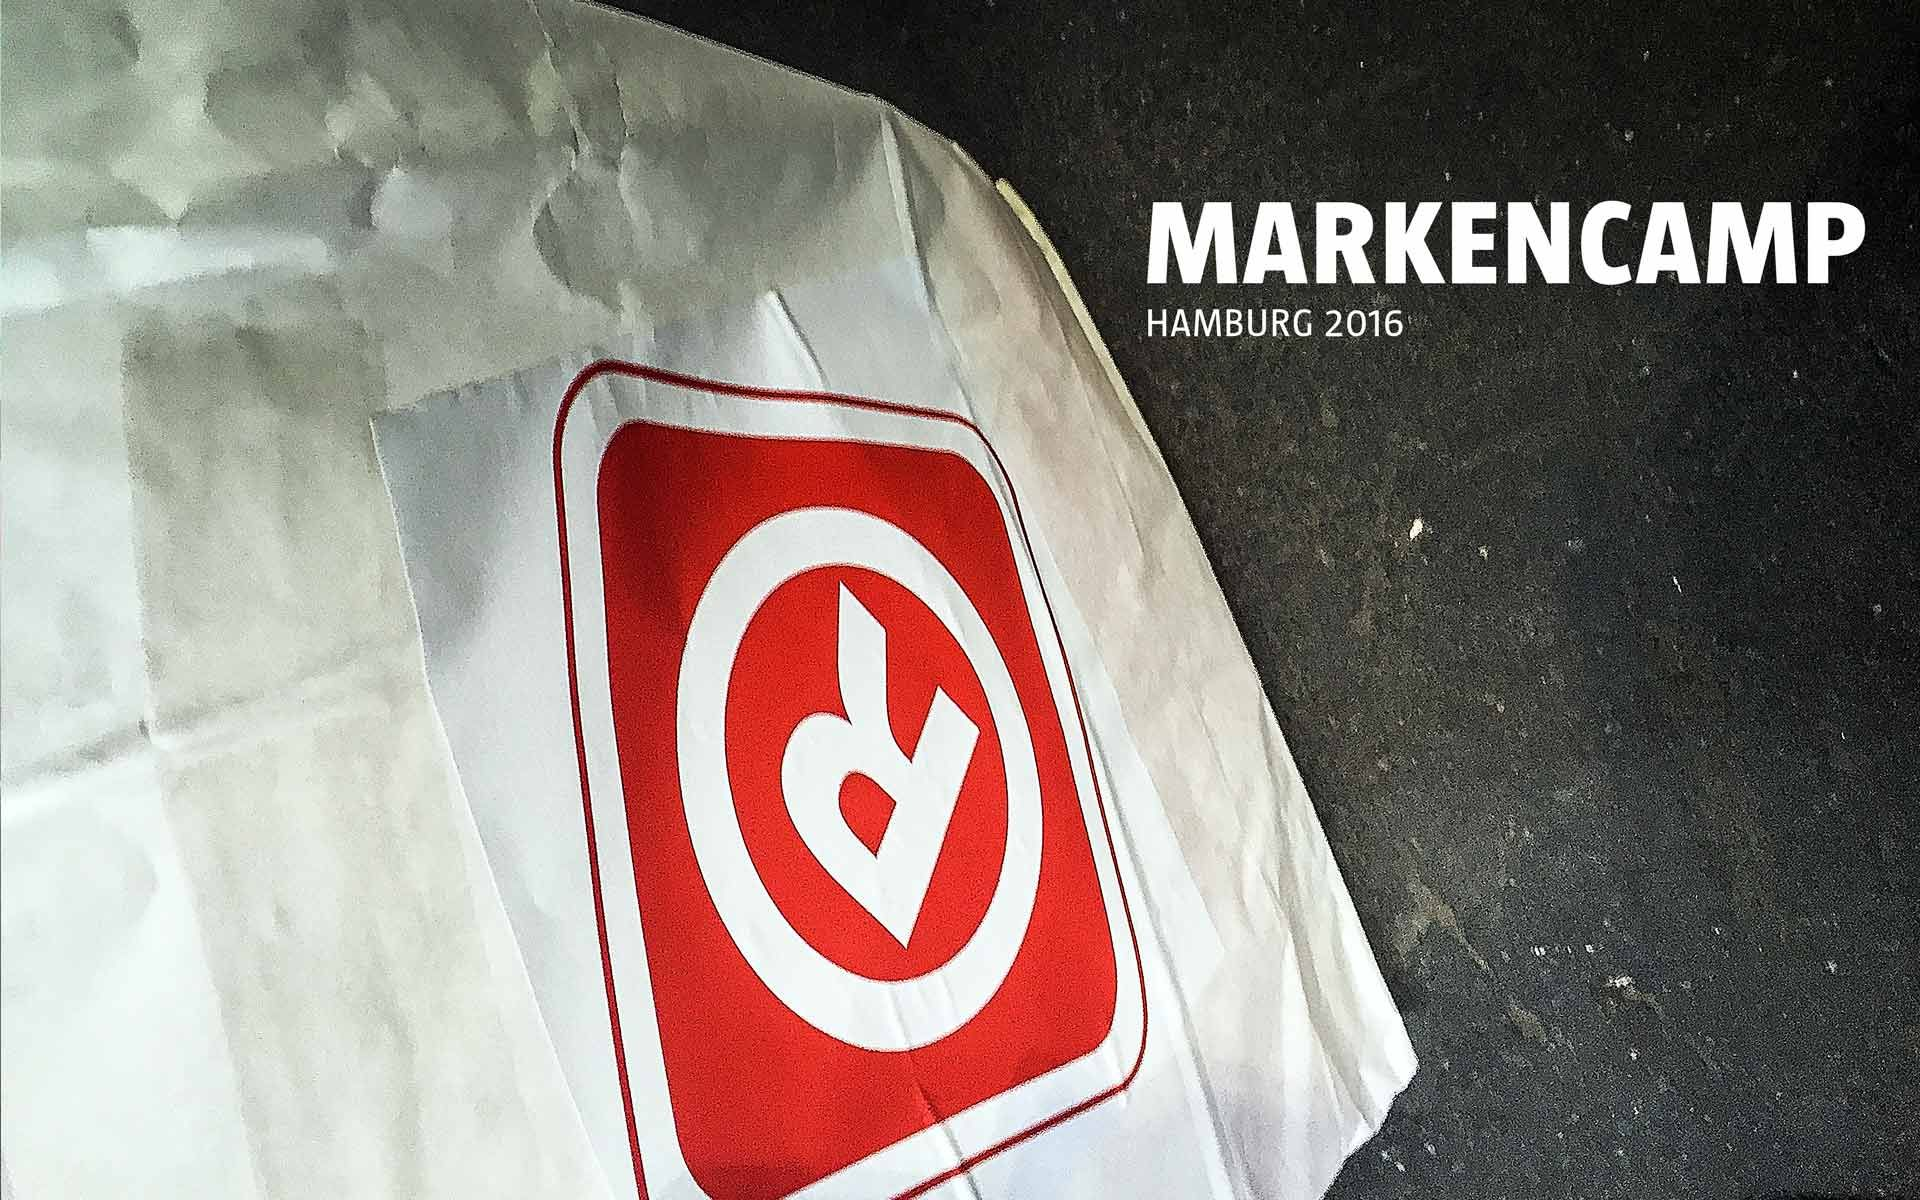 stay golden auf dem Markencamp 2016 in Hamburg